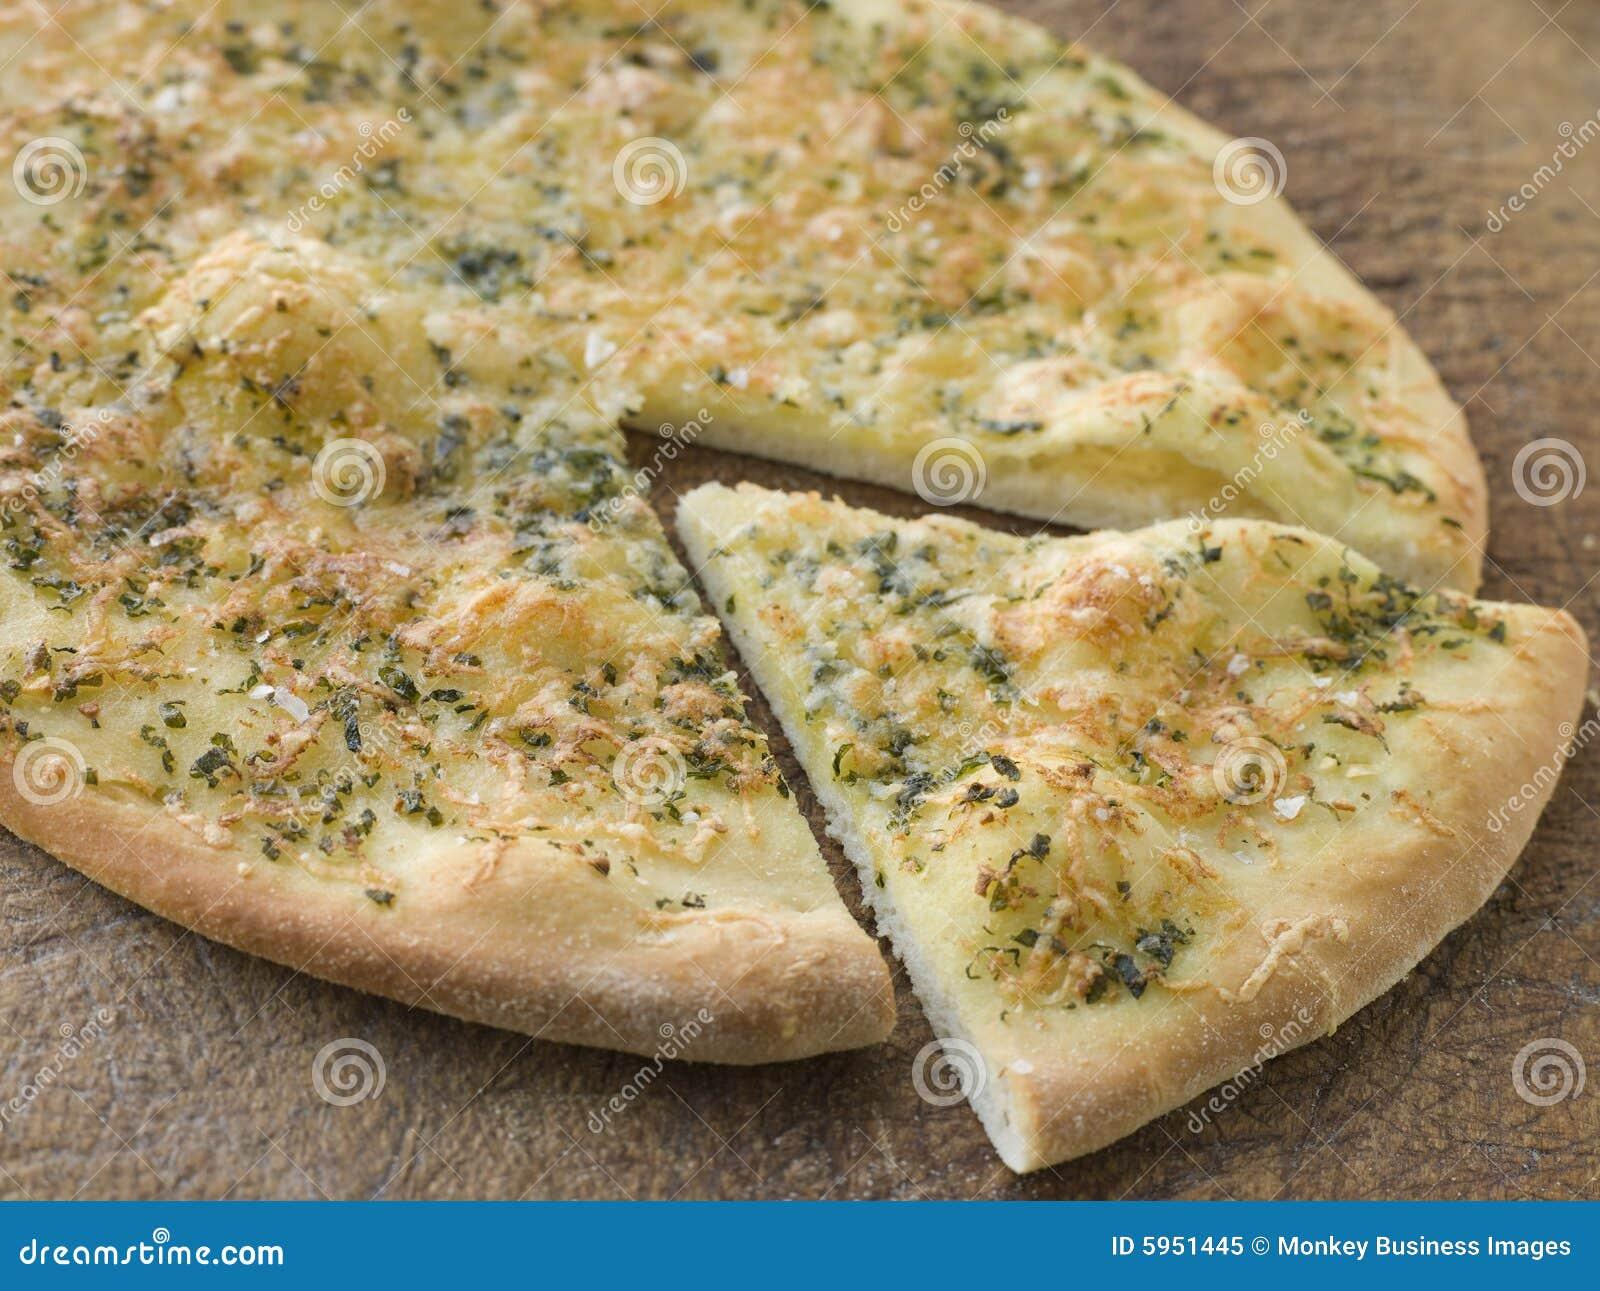 knoblauch pizza brot stockbild